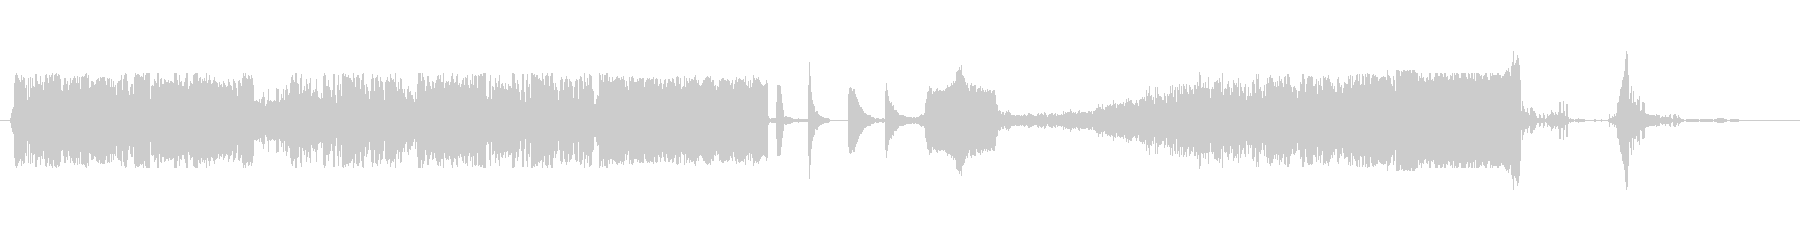 コメディアクセント7の未再生の波形